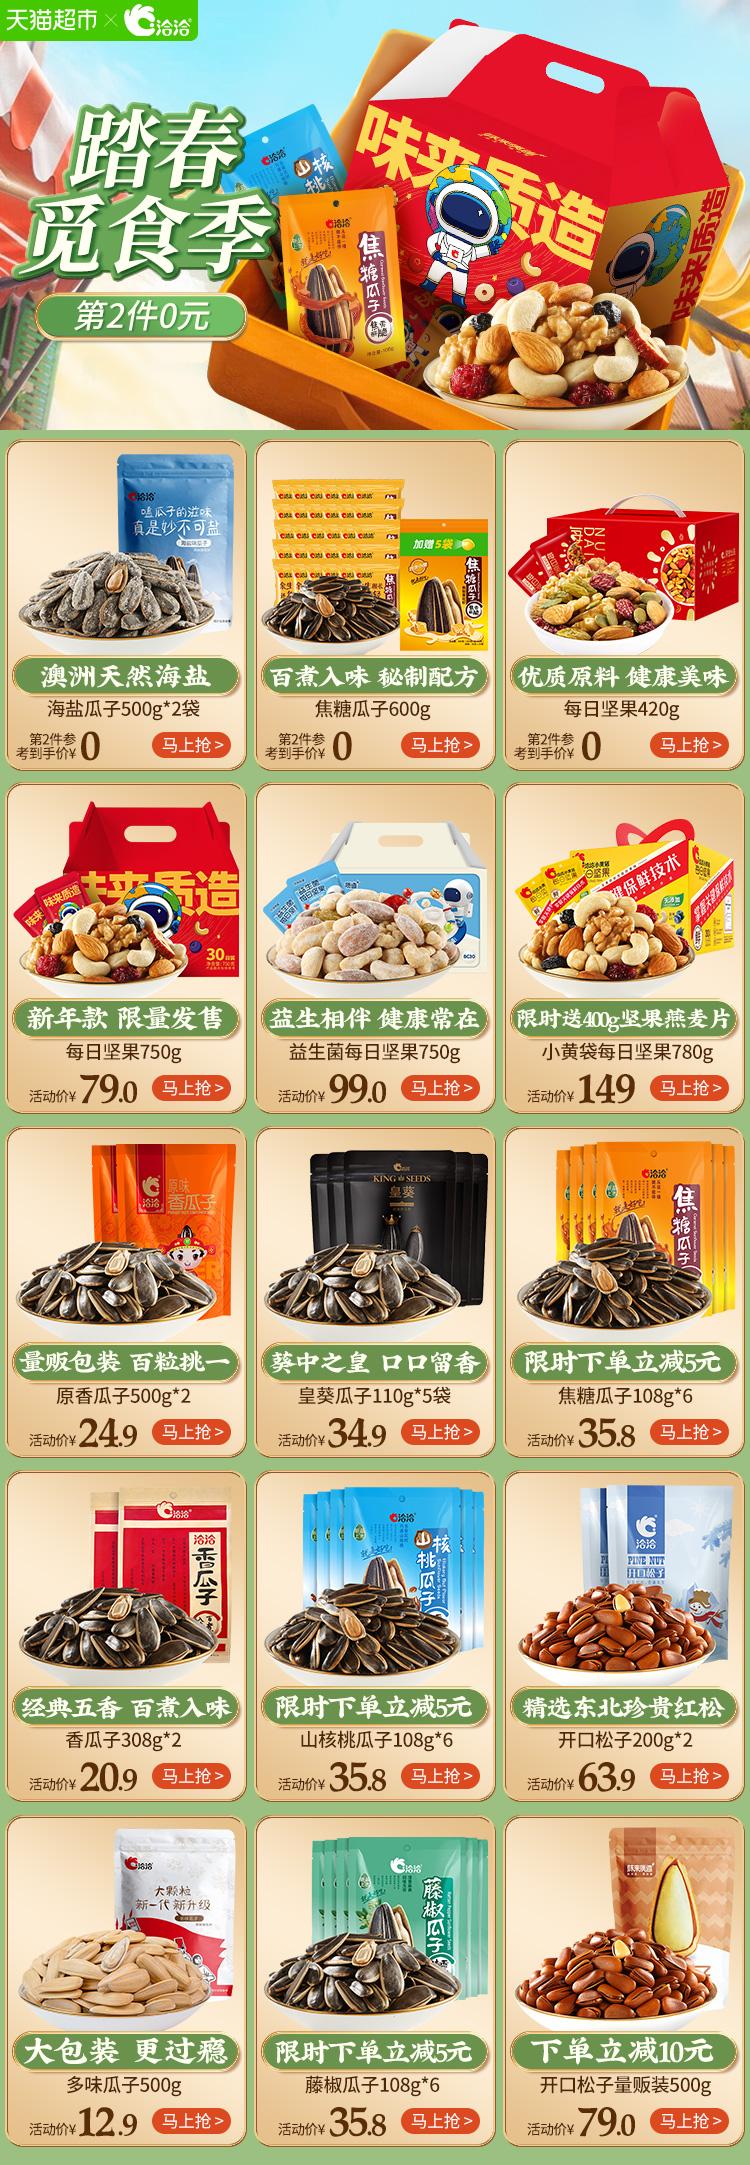 洽洽瓜子藤椒味葵花籽坚果炒货休閒零食特产小包装恰恰凑单详细照片